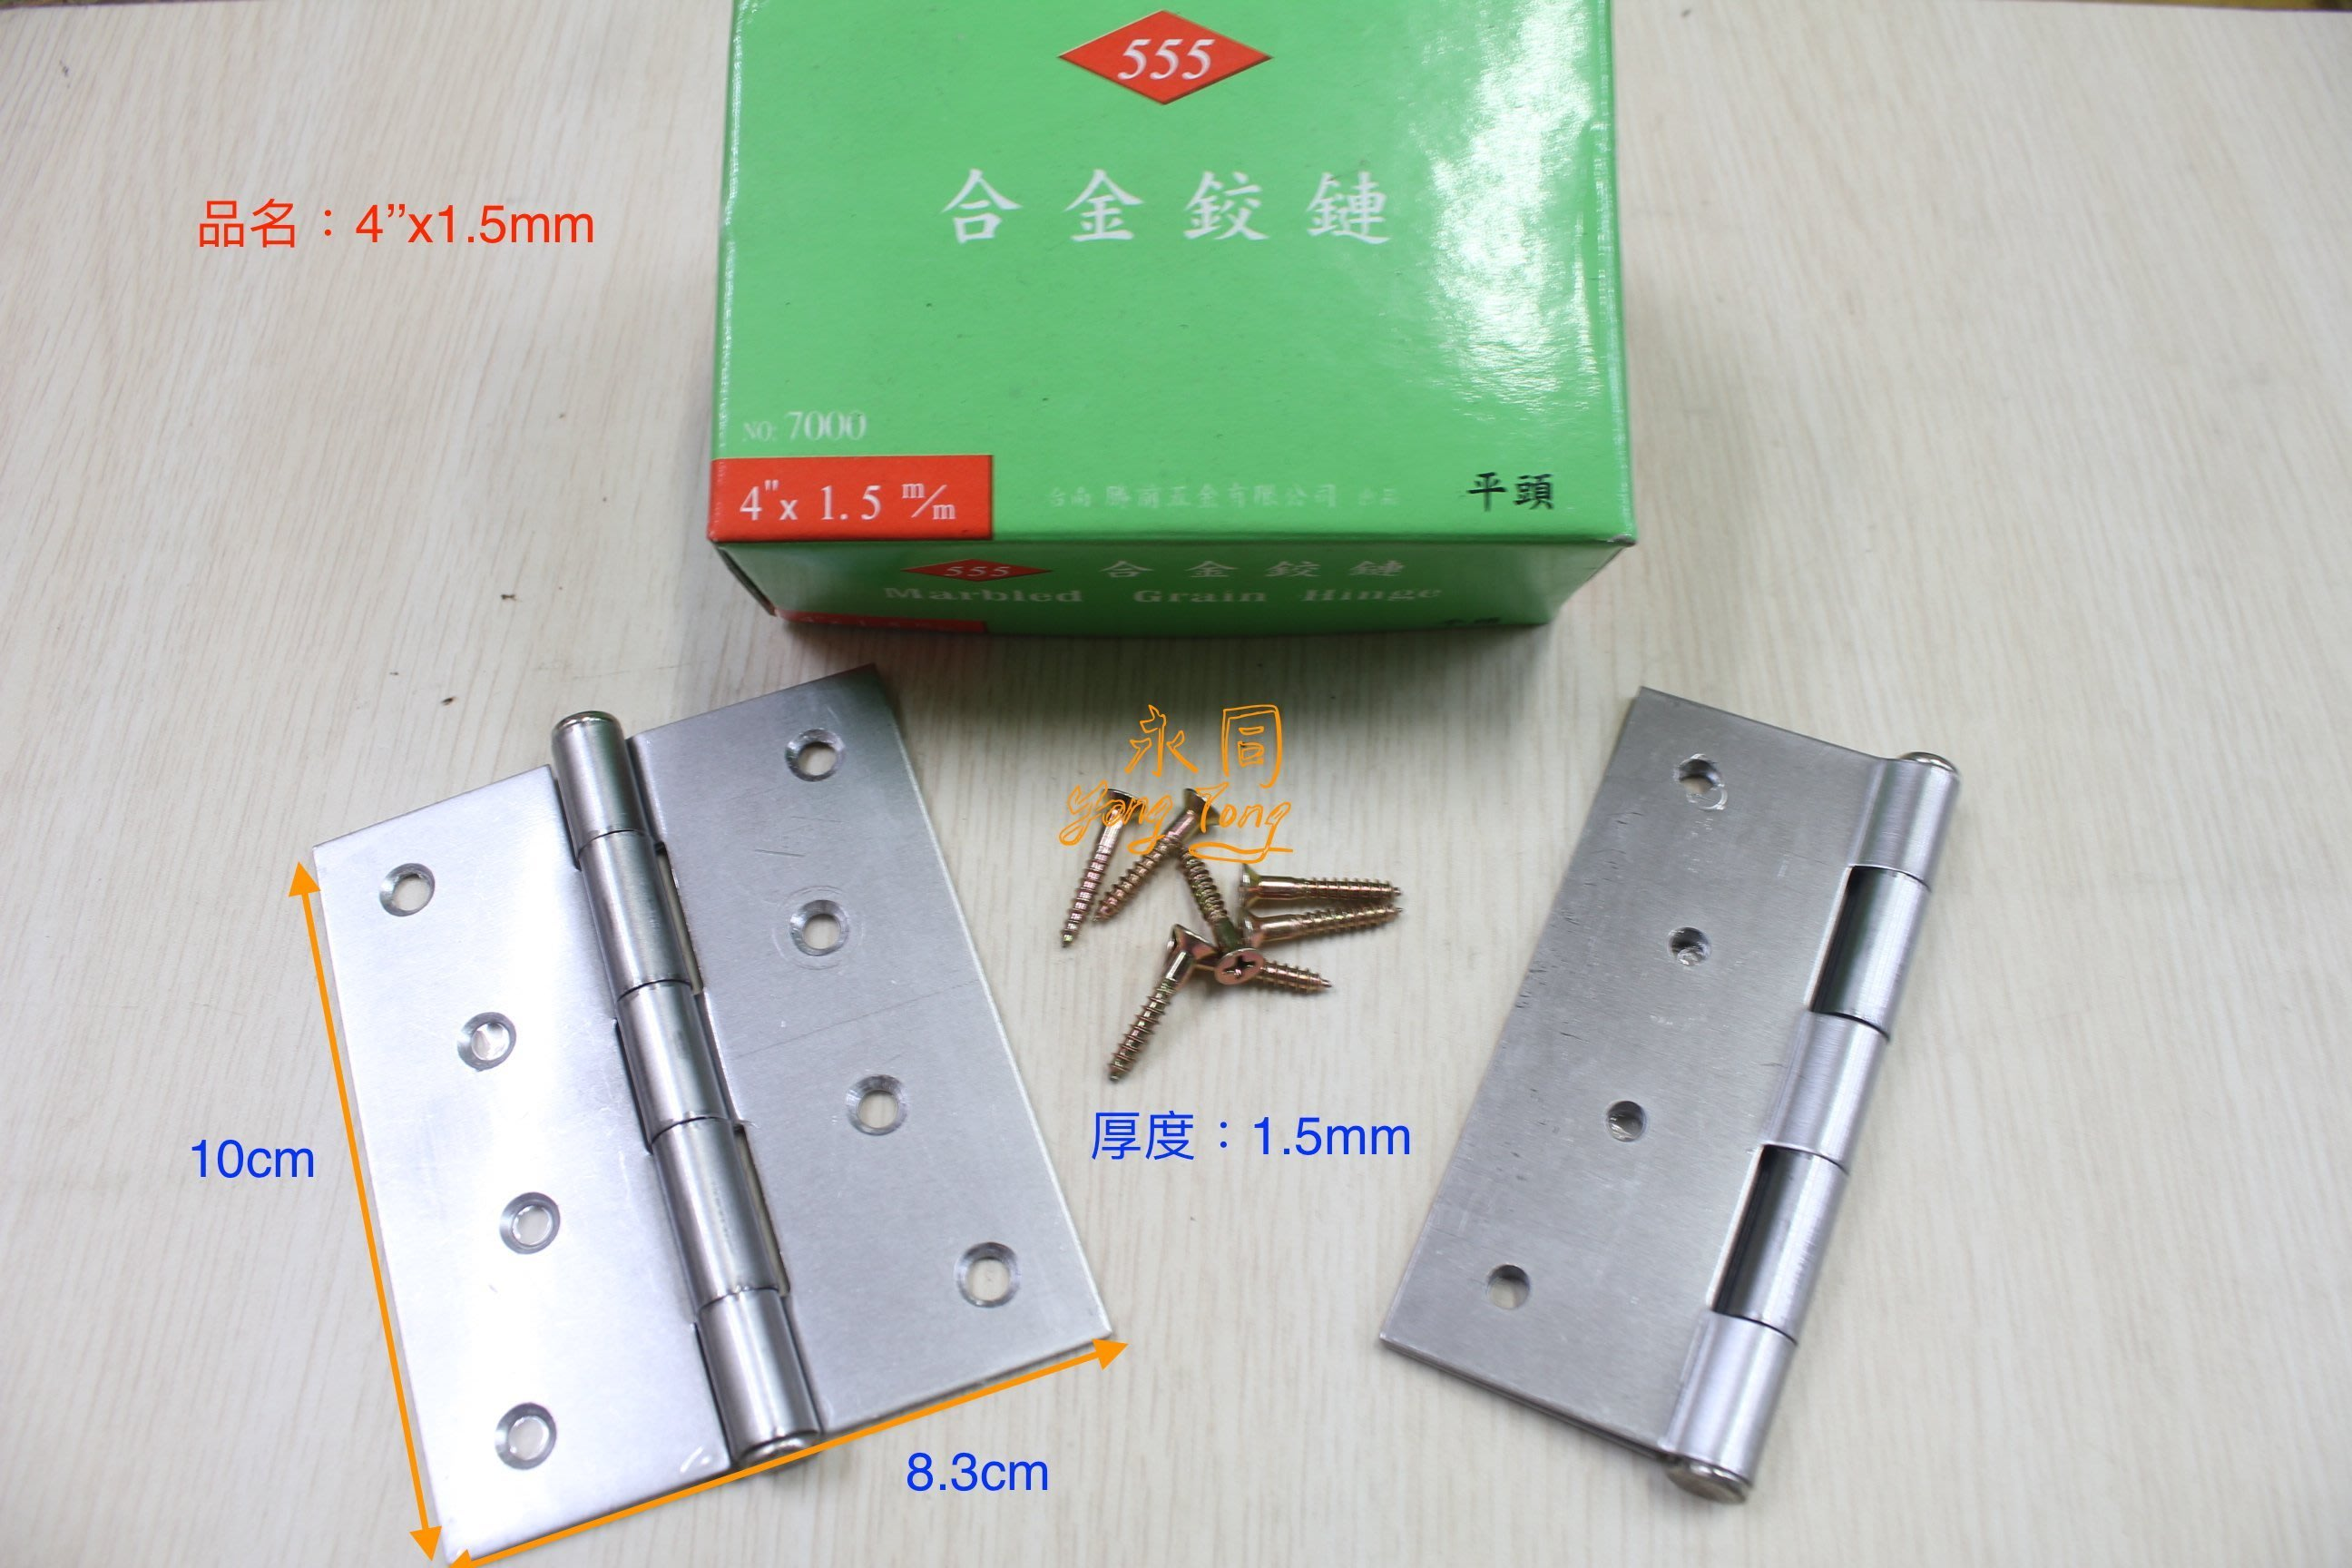 『YT五金』555牌 4英吋X3.2英吋X1.5mm 合金鉸鍊 木門 鉸鏈 丁雙 活頁 後鈕